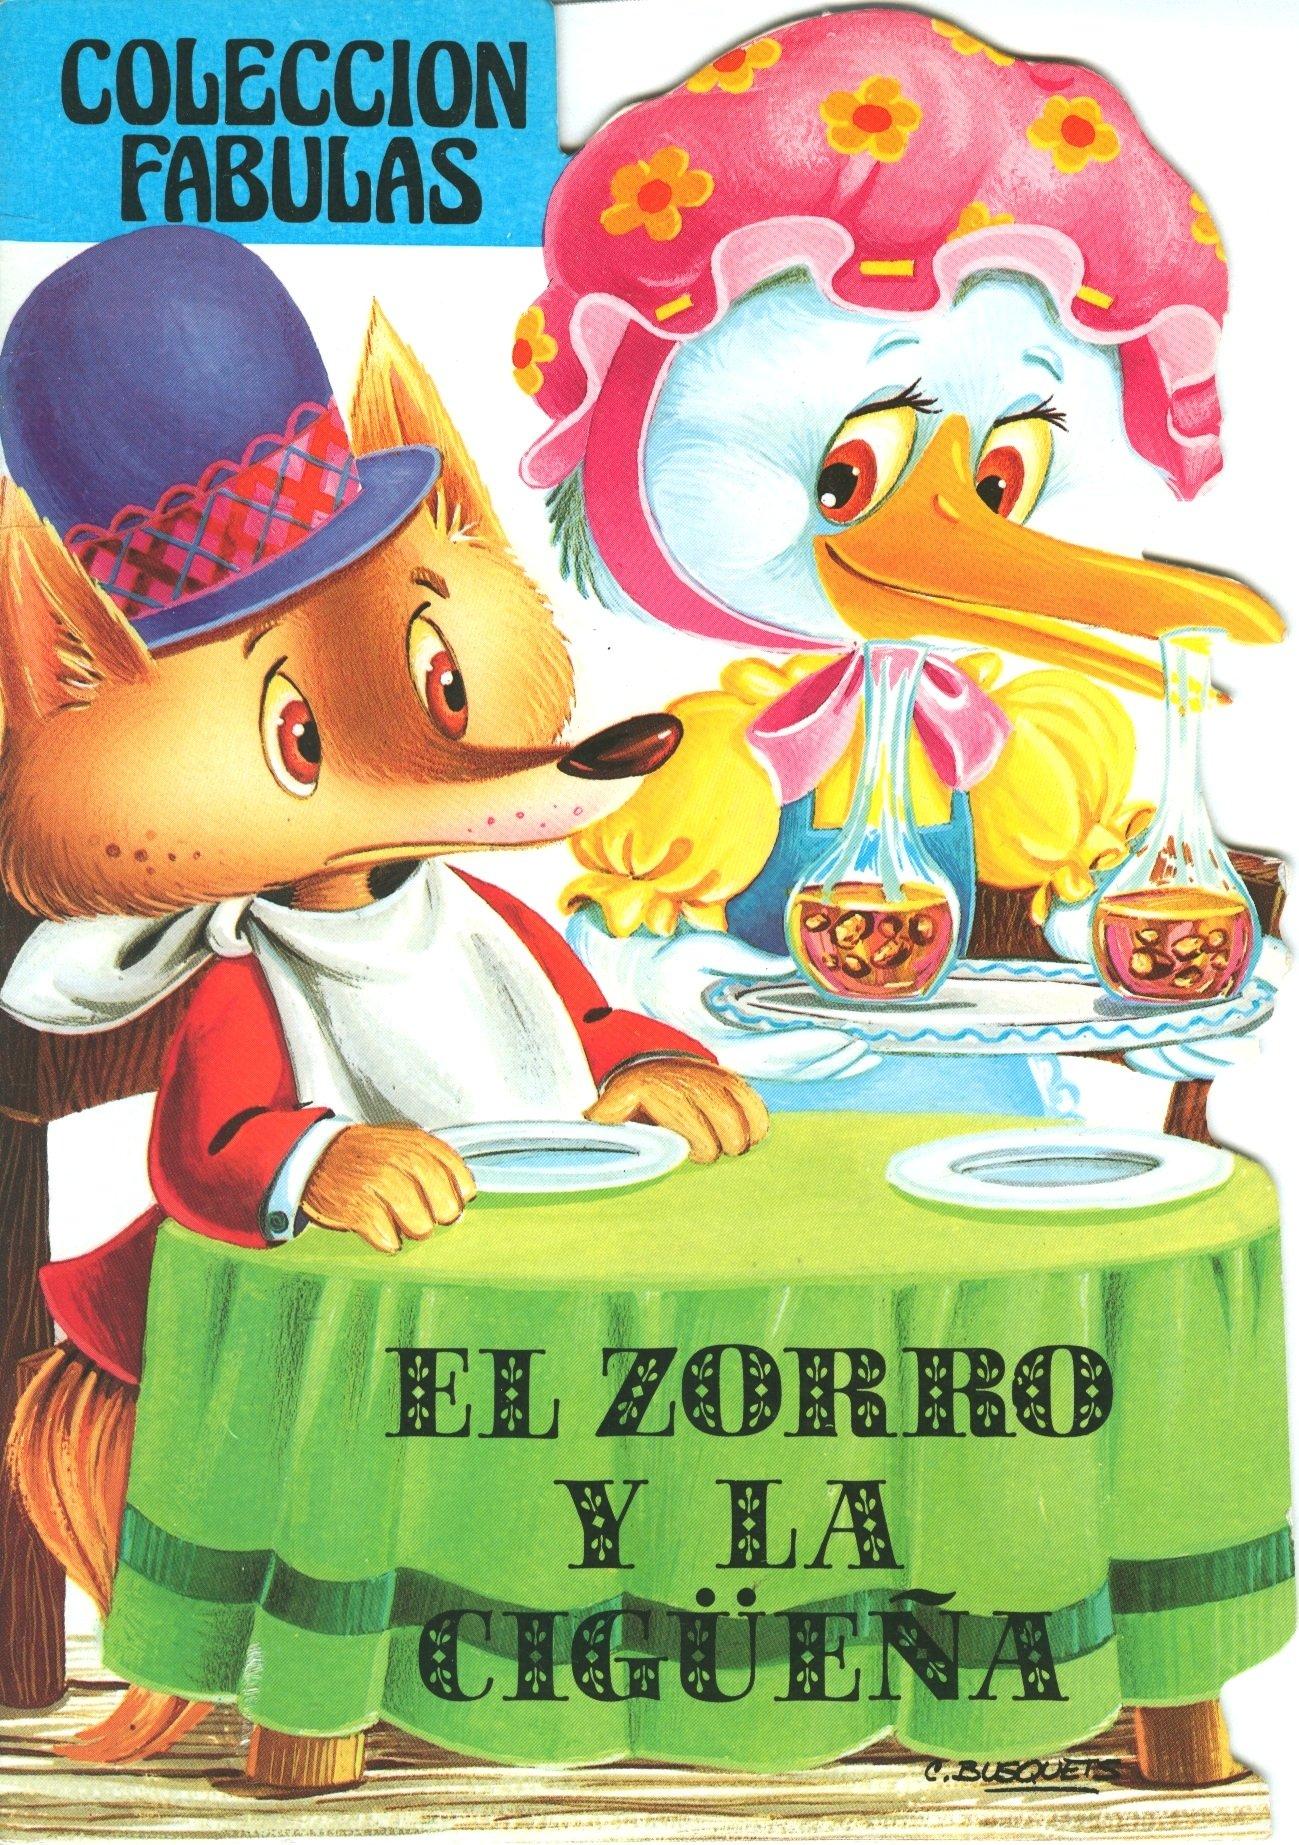 El Zorro y la Ciguena (Coleccion Fabulas) (Spanish Edition): Aesop, C.  Busquets: 9788472972087: Amazon.com: Books